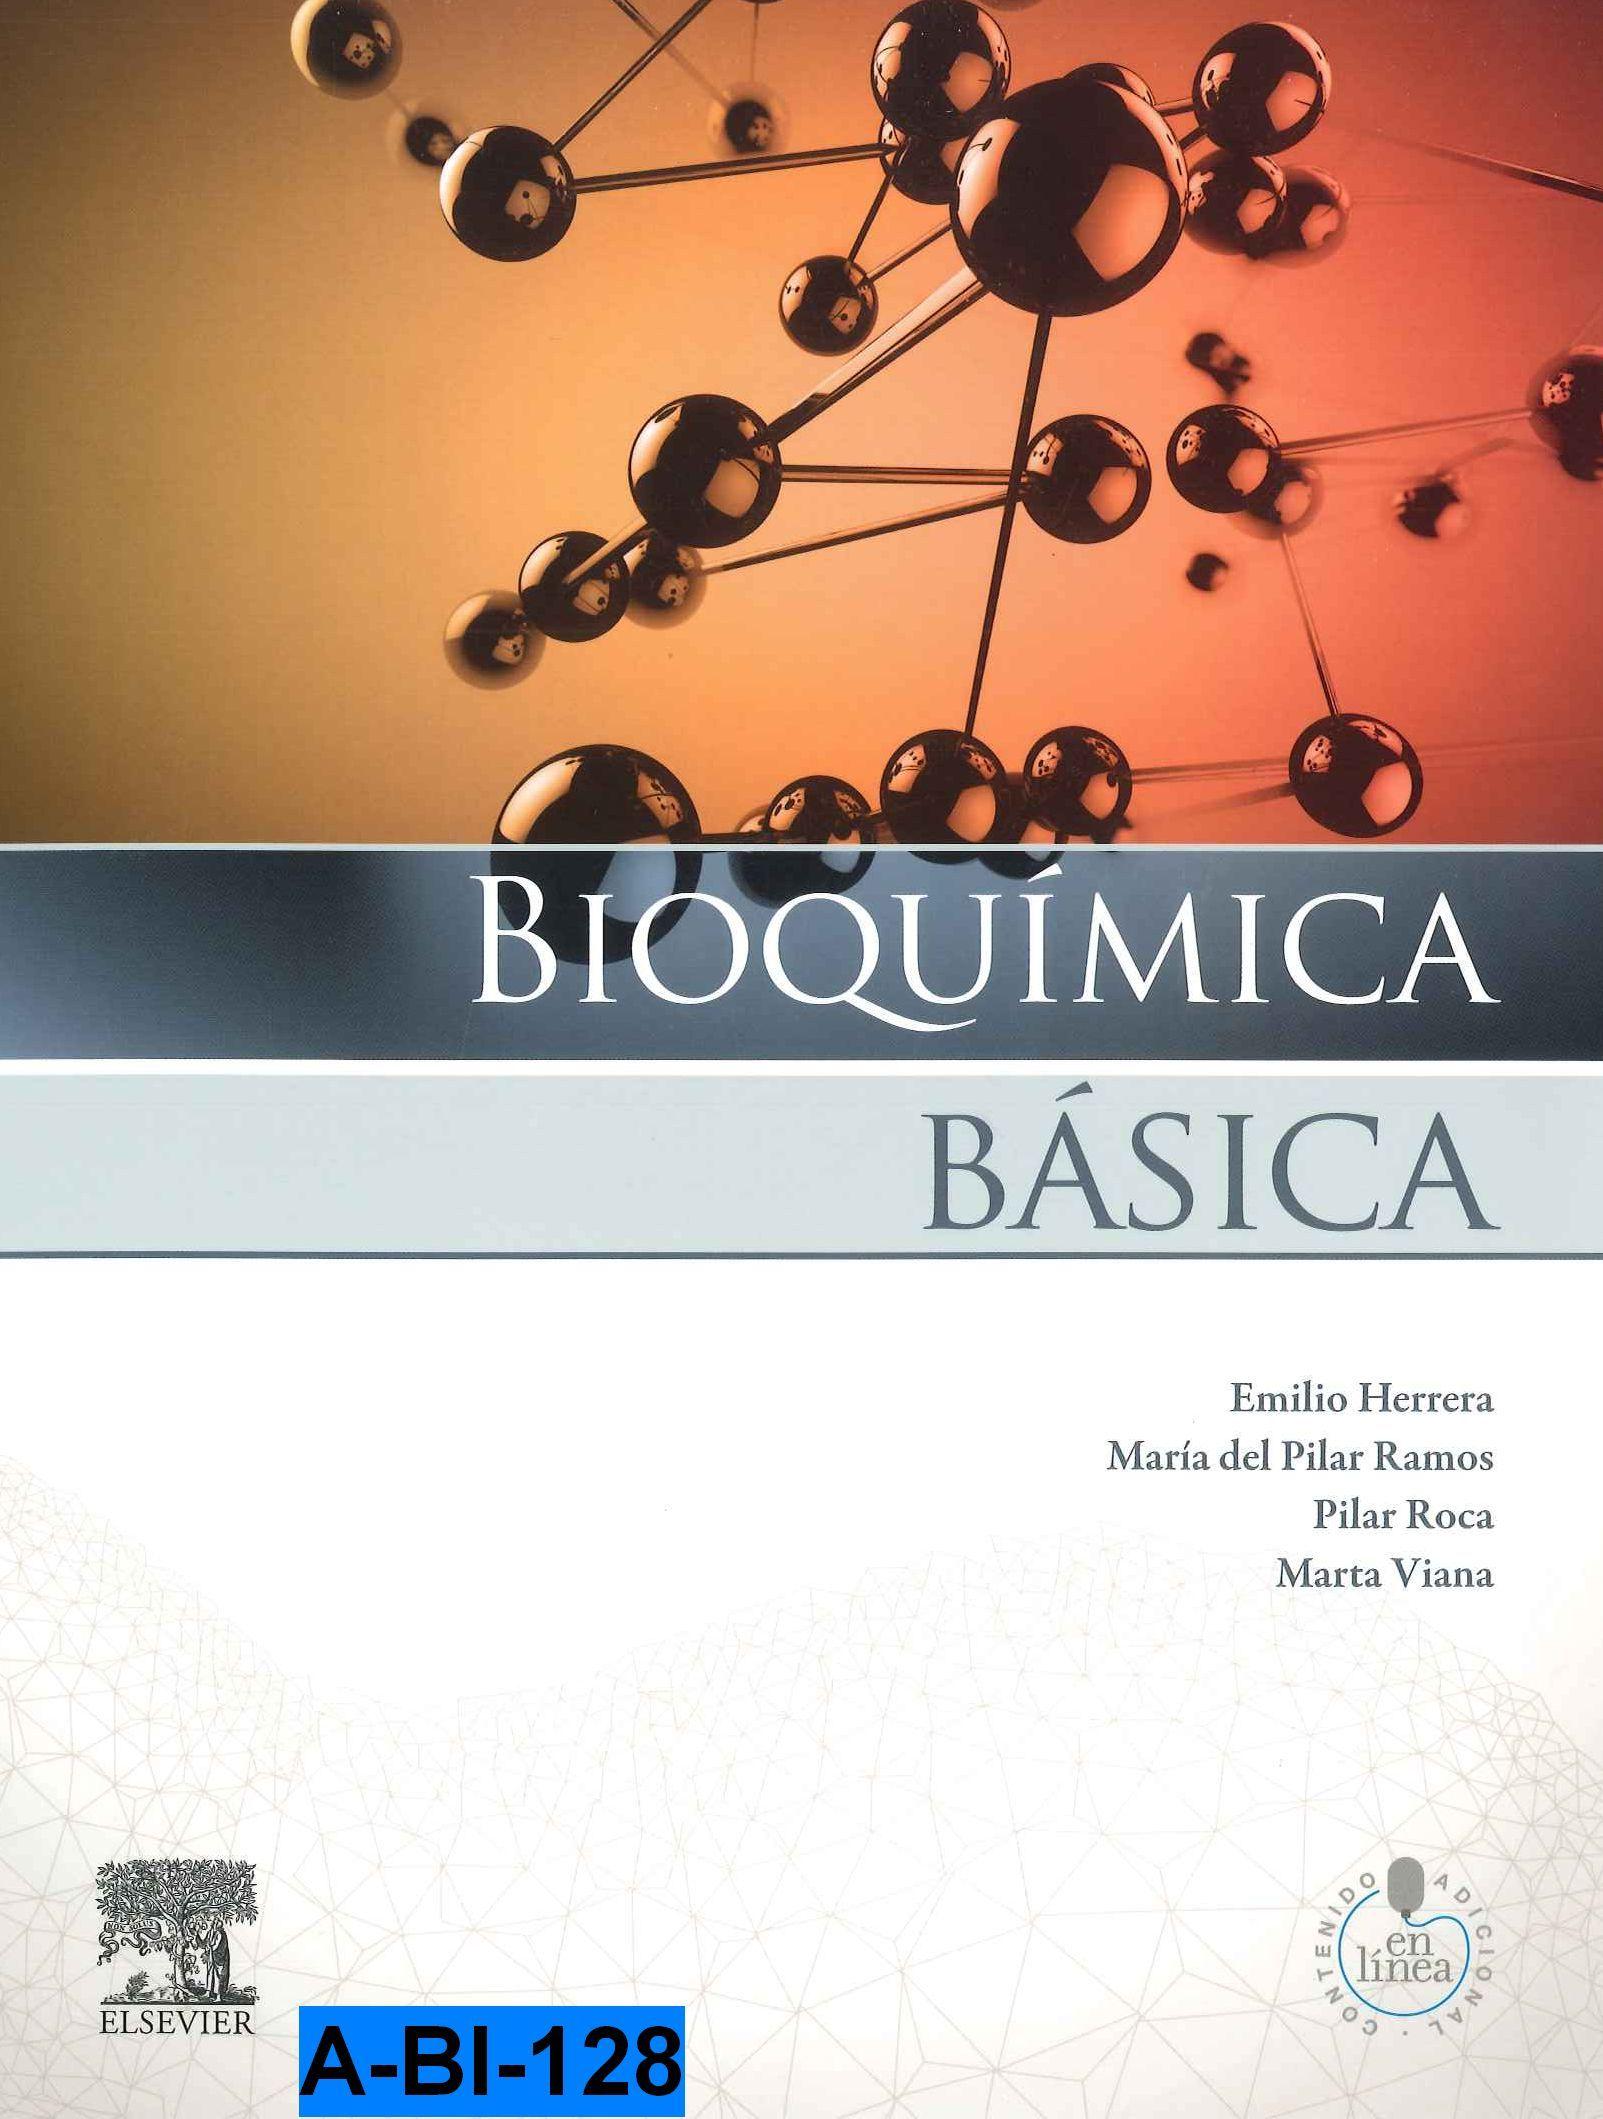 Bioquímica básica : base molecular de los procesos fisiológicos / Emilio Herrera ... [et al.]